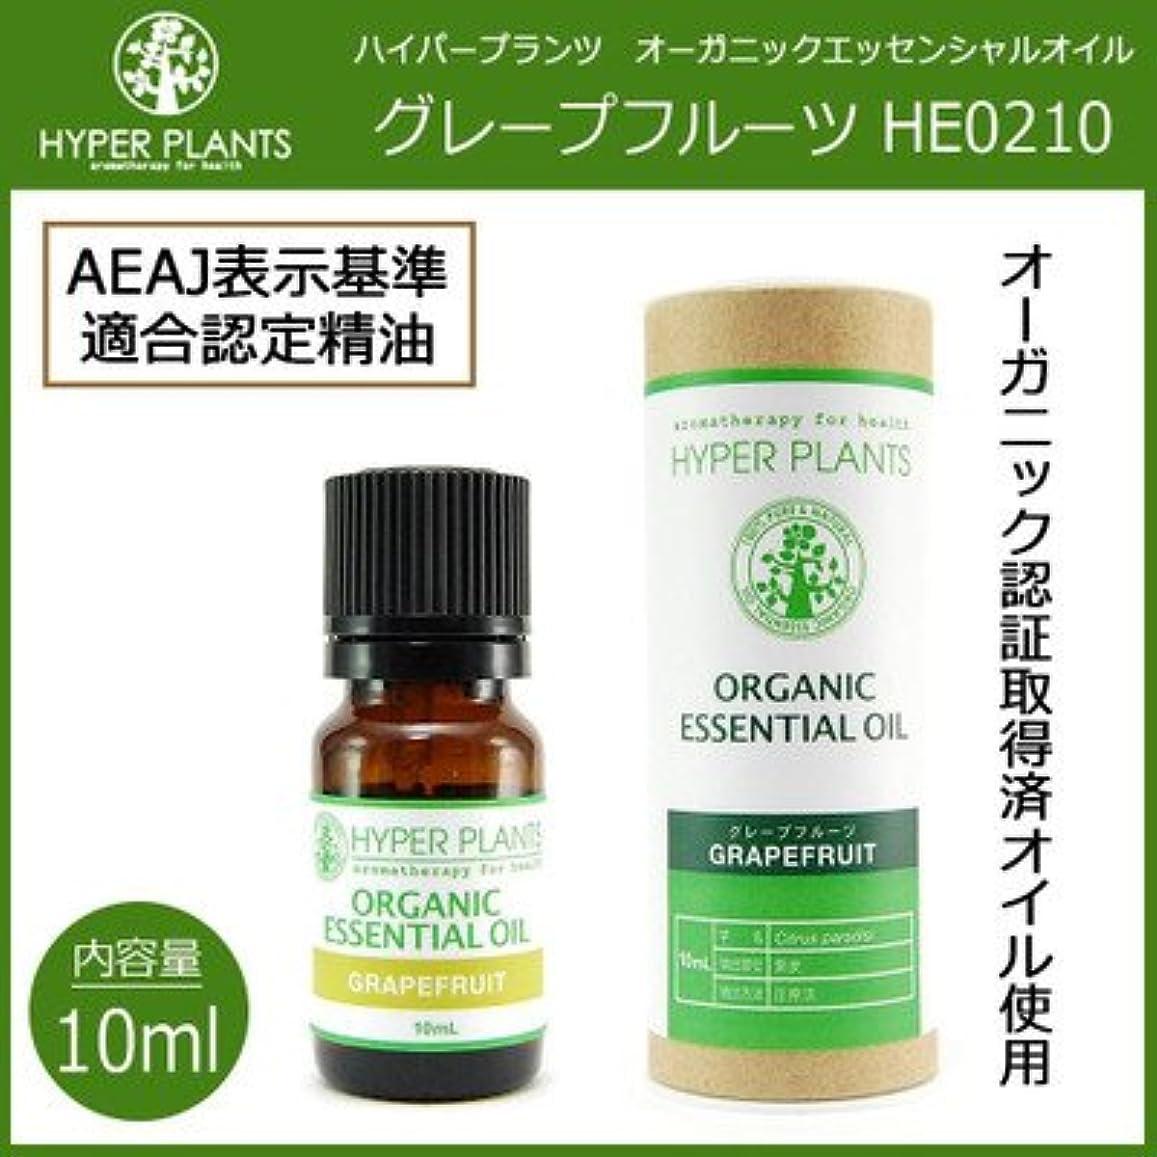 謎呼吸横毎日の生活にアロマの香りを HYPER PLANTS ハイパープランツ オーガニックエッセンシャルオイル グレープフルーツ 10ml HE0210